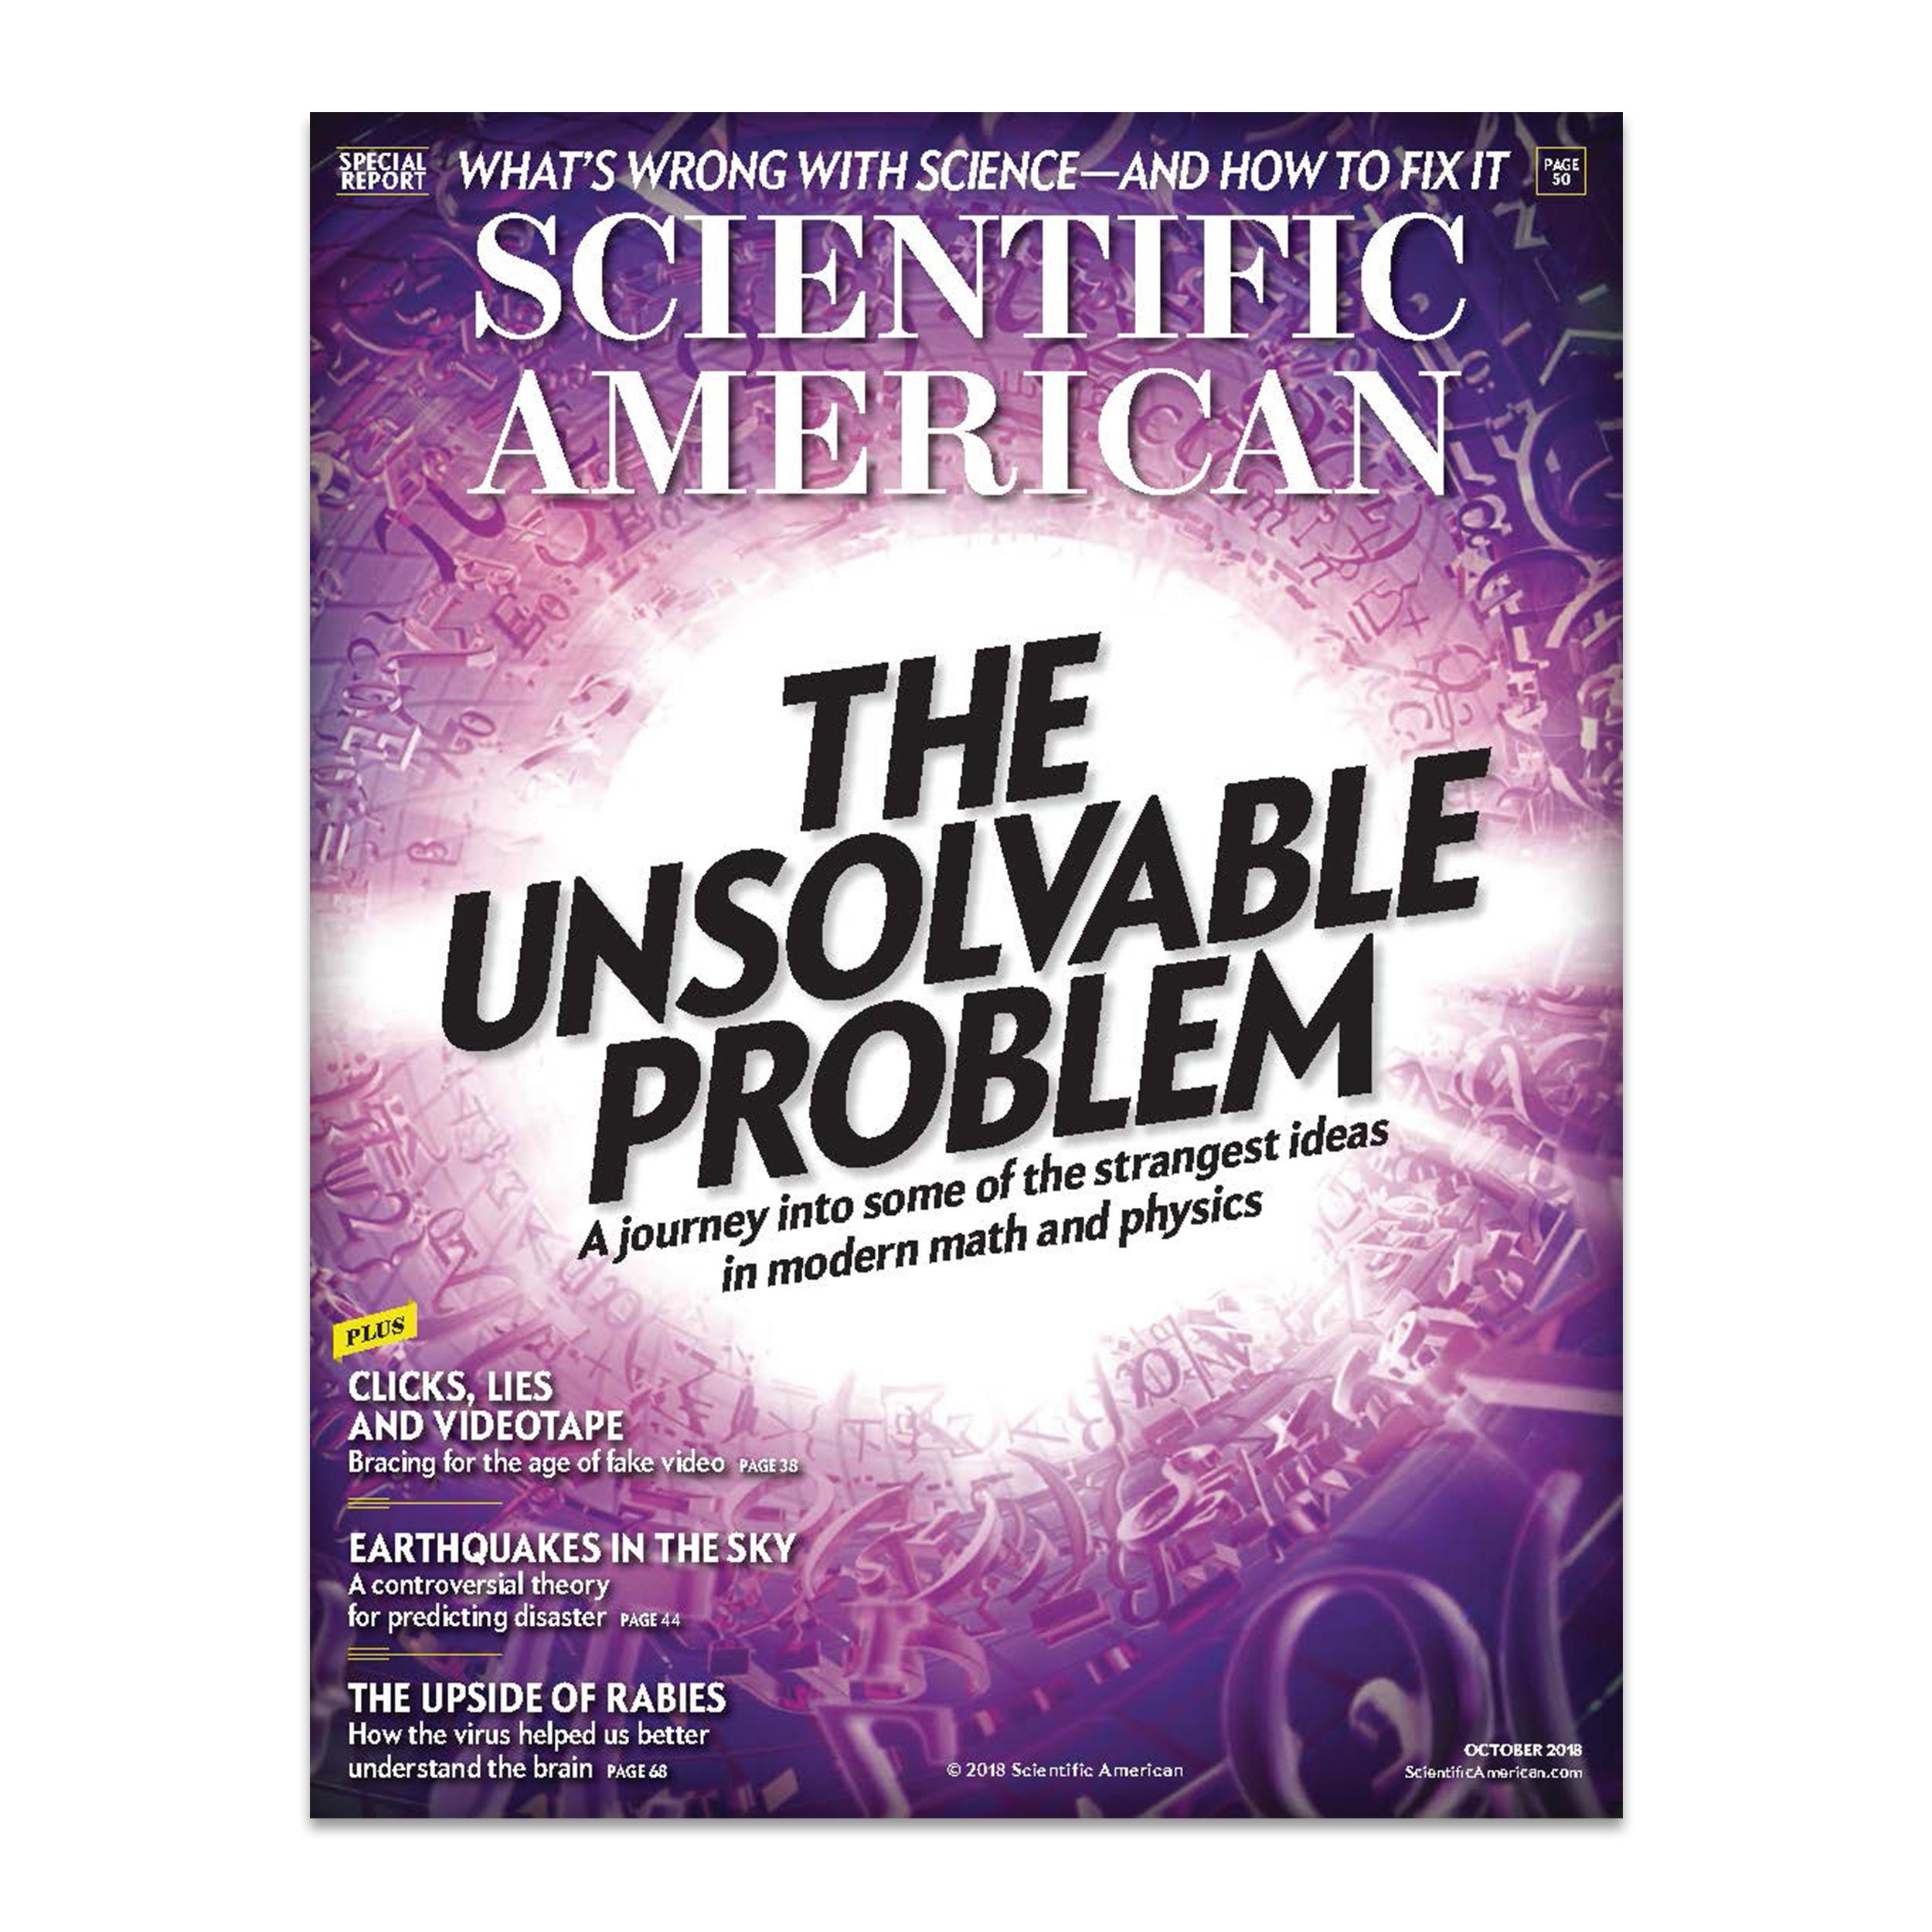 مجله ساینتیفیک امریکن اکتبر 2018